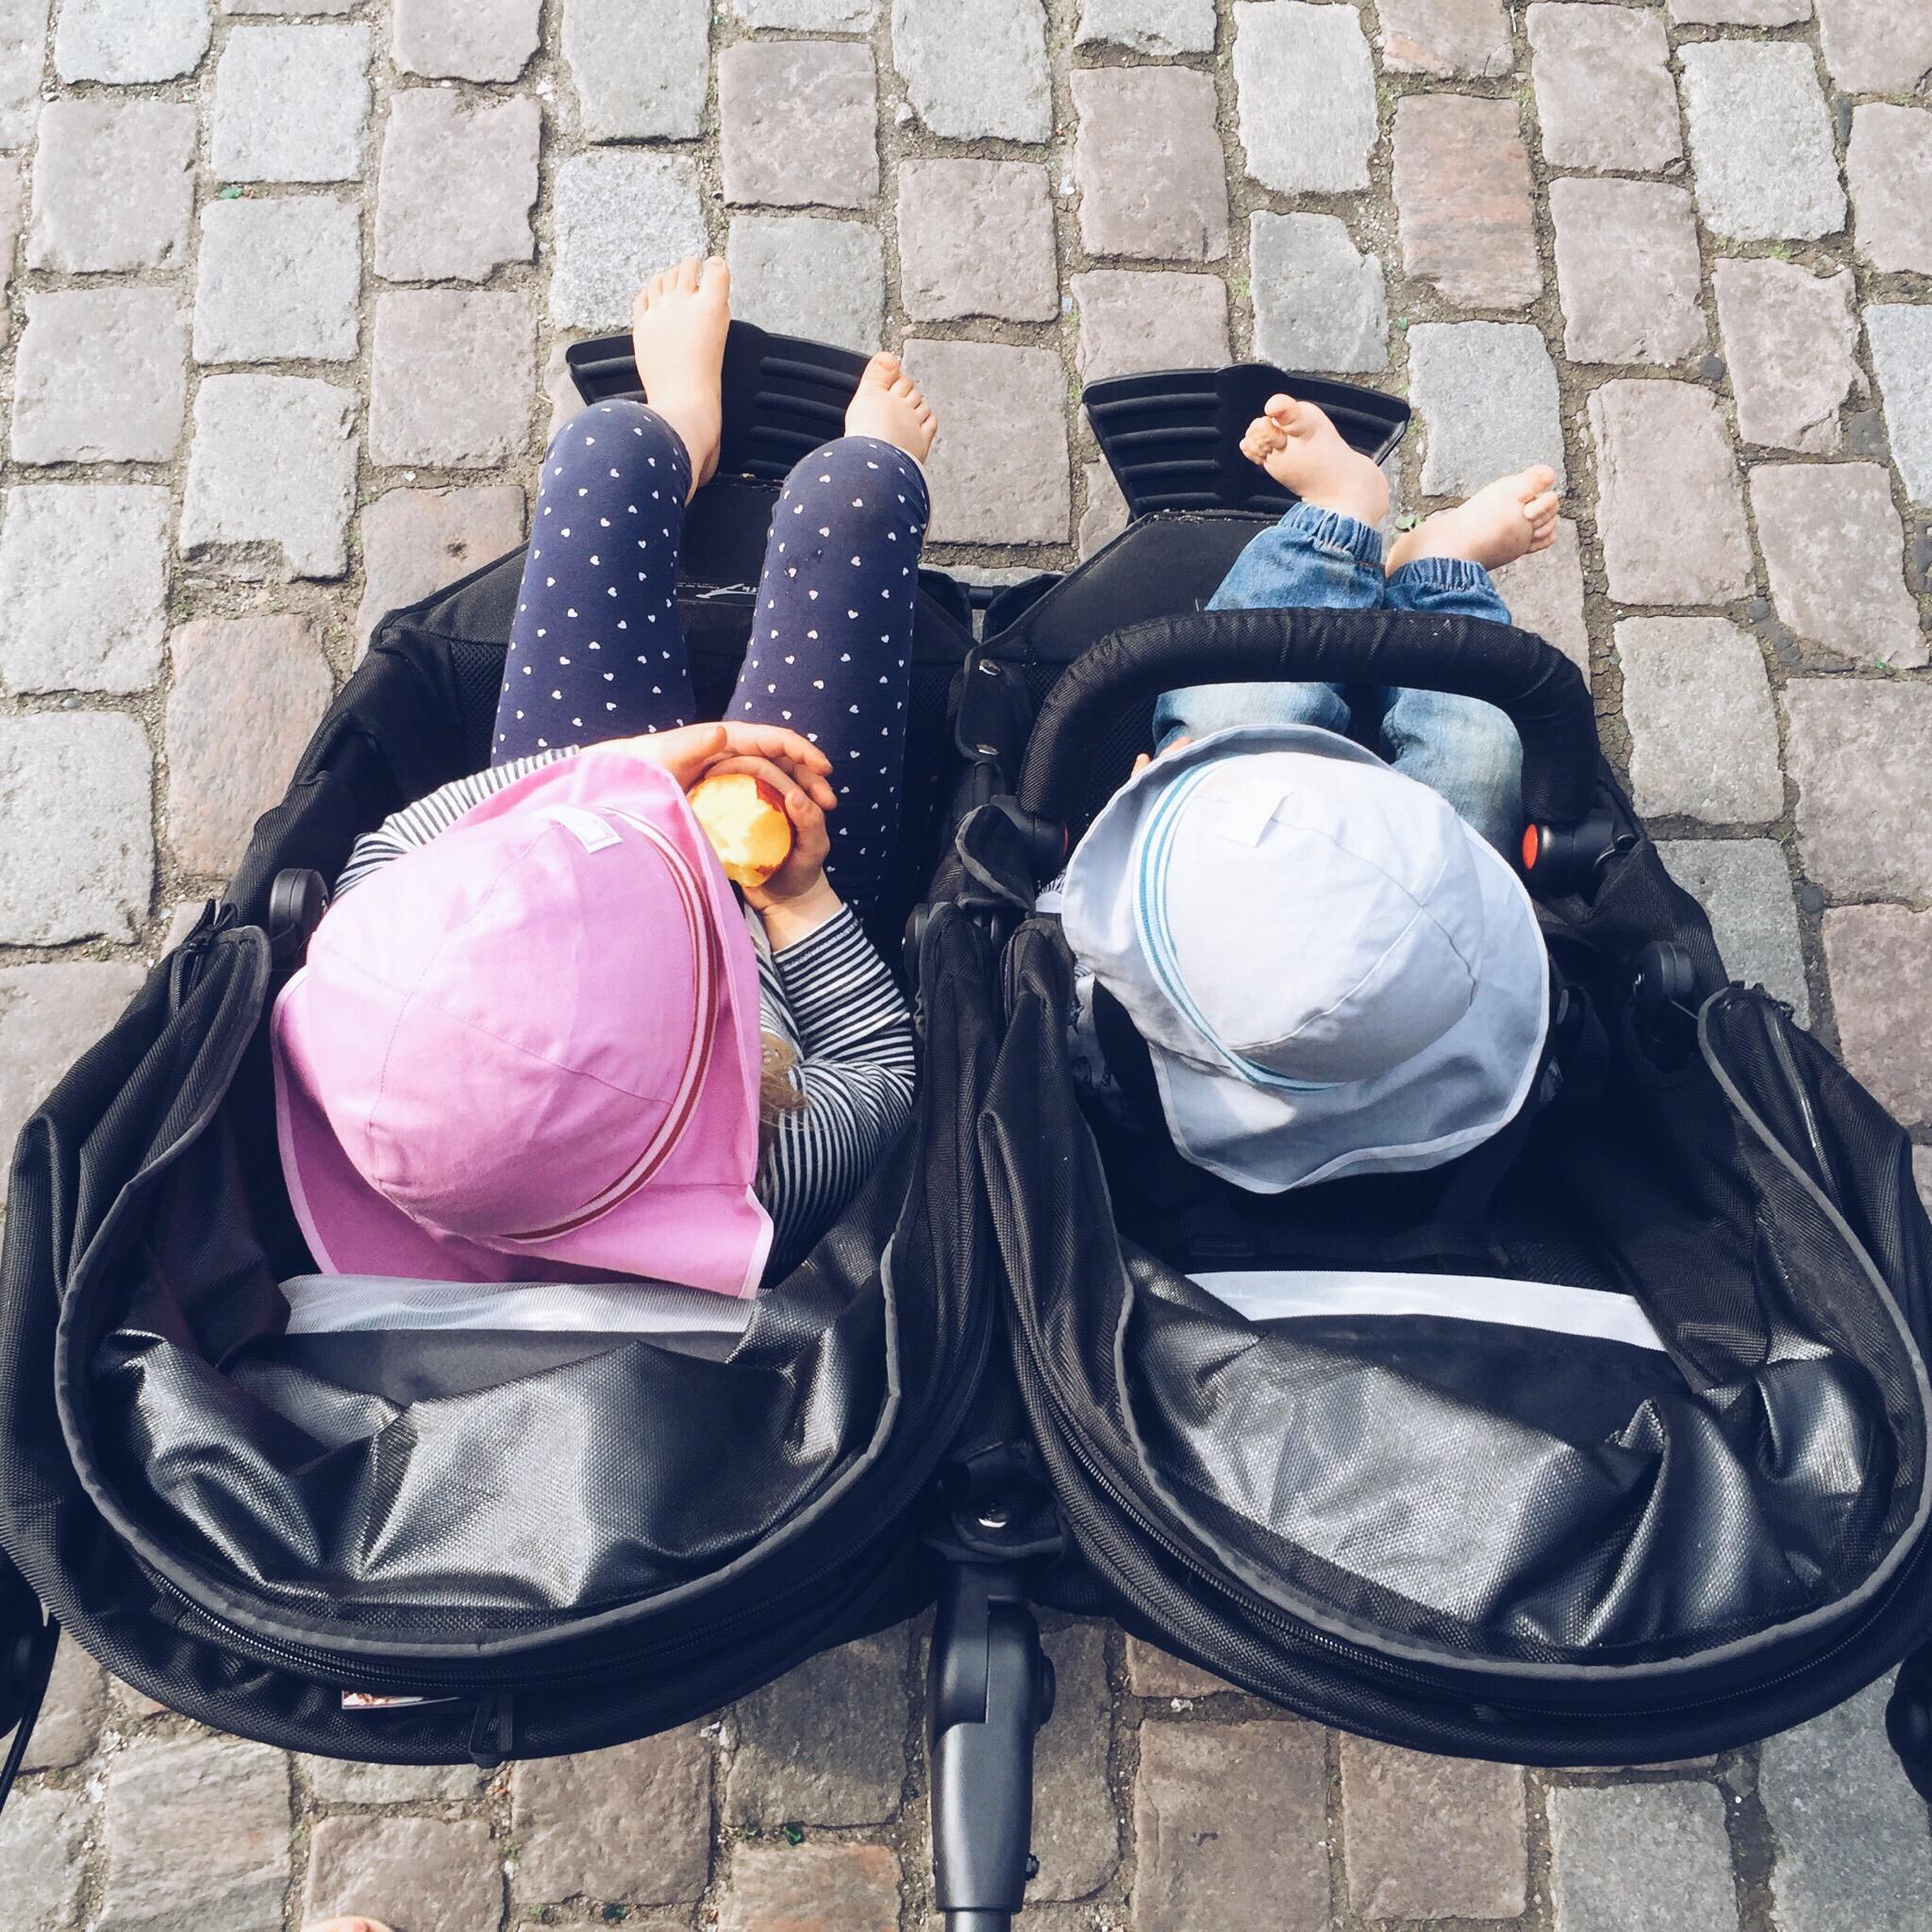 Zwillingskinderwagen tfk  Geschwisterkinderwagen ja oder nein? Der TfK Twinner Lite im Test ...